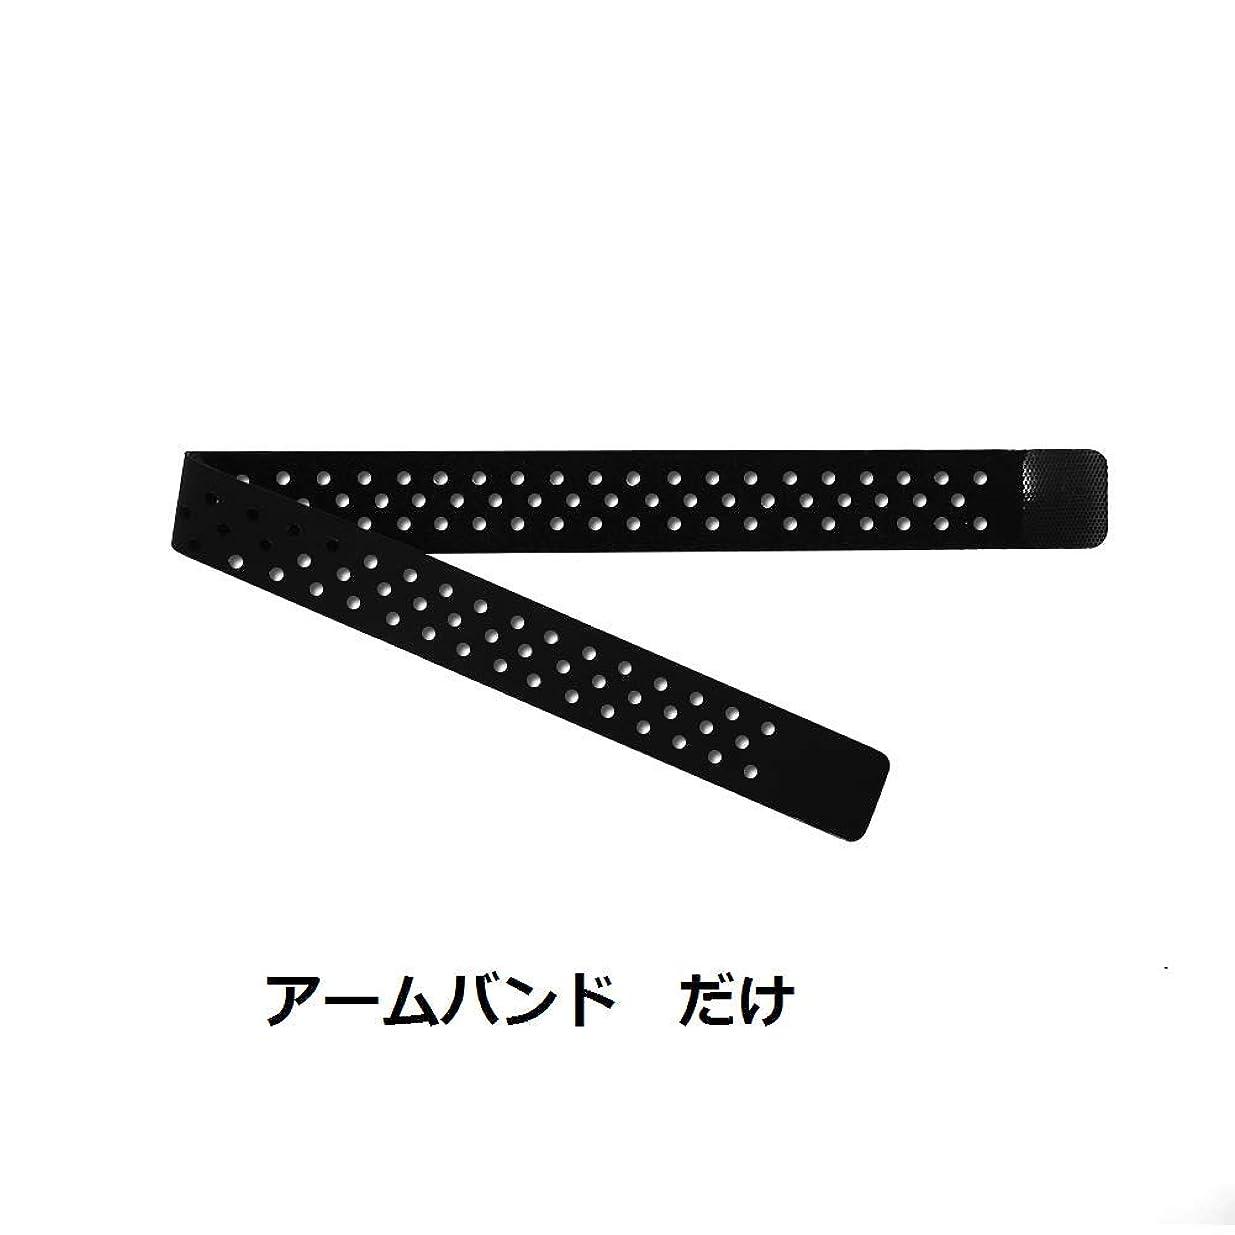 木材サンダー凝縮するGARMIN ガーミン Foreathlete/Forerunner 735XTJ 630J 620J 235J 230J 220J ベルト バンド ガーミン フォアアスリート フォアランナー ベルト バンド